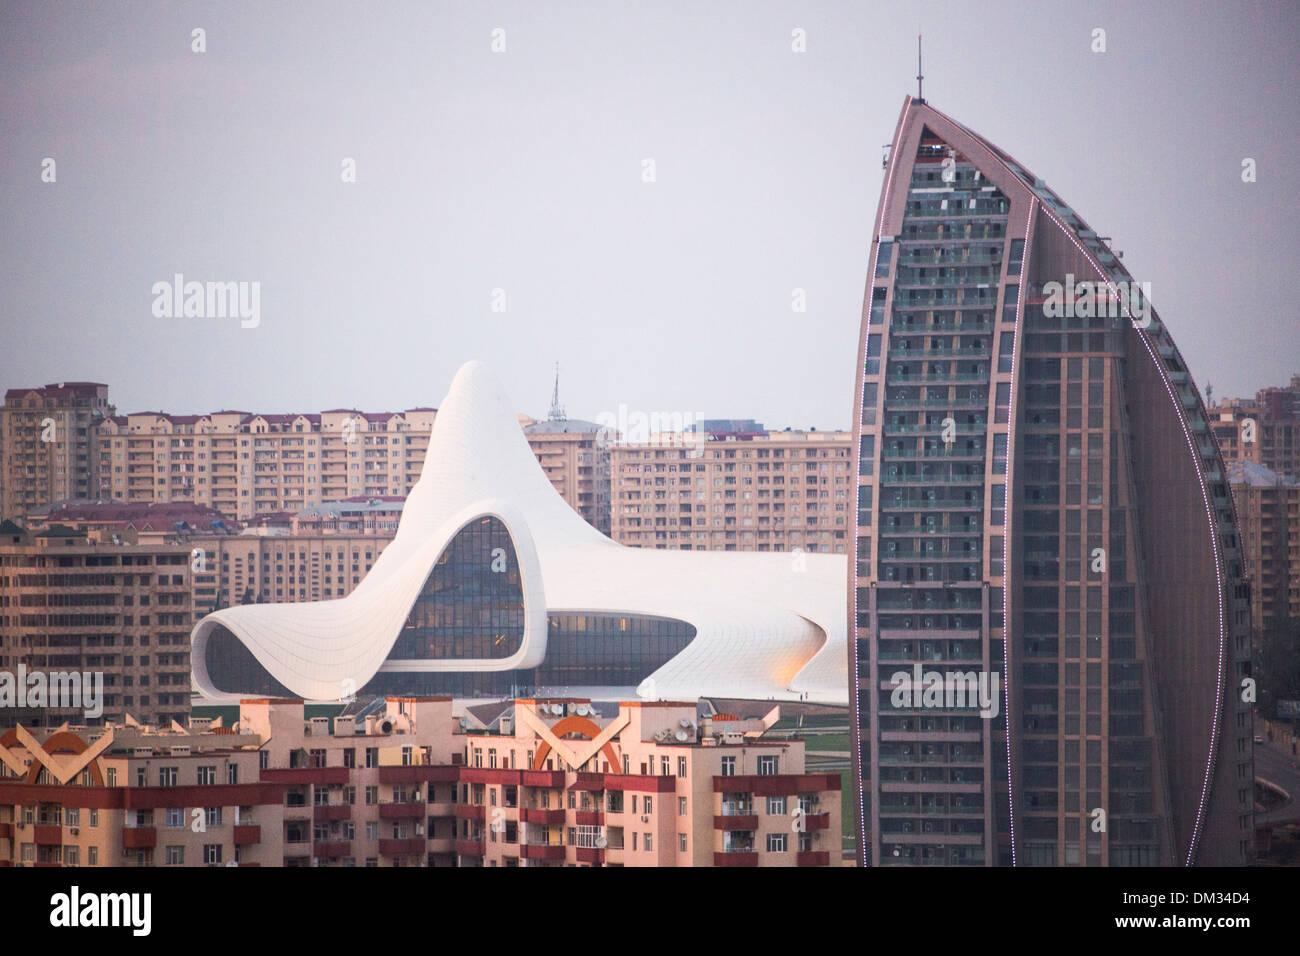 Aserbaidschan Kaukasus Eurasia Baku Gebäudearchitektur kulturelle Zentrum City Skyline Innenstadt Sonnenuntergang touristische Reisen weiß Stockbild